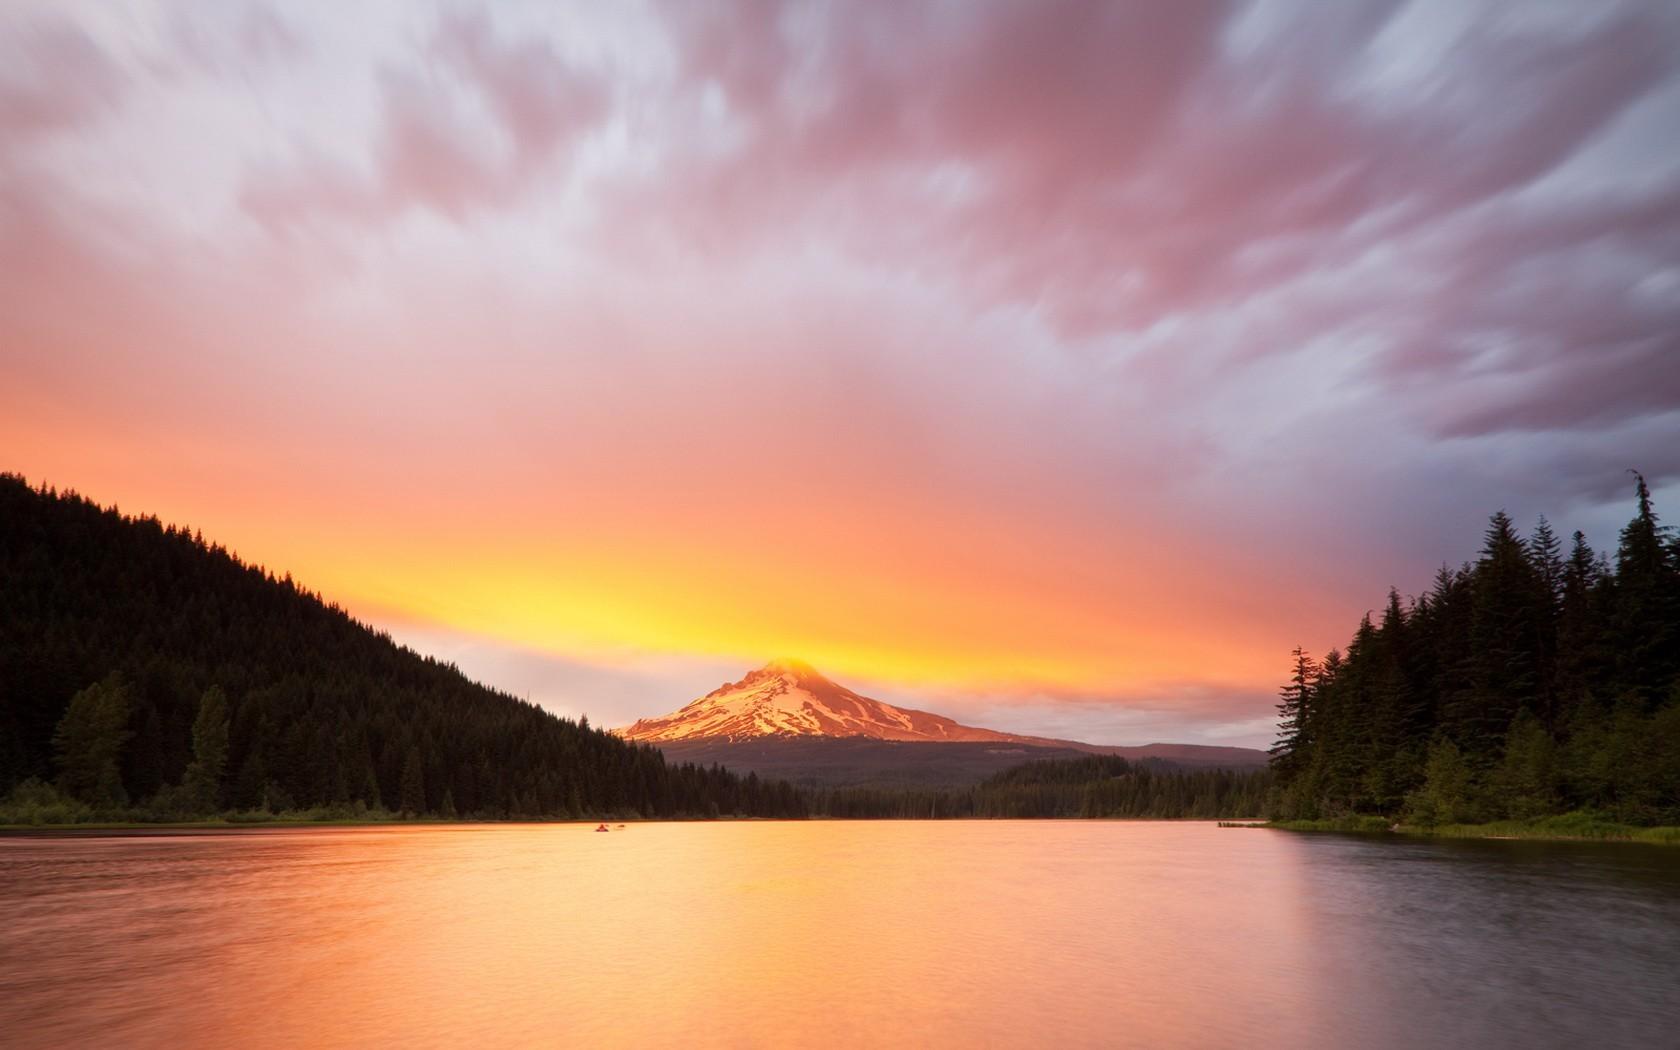 Озеро горное городок рассвет бесплатно